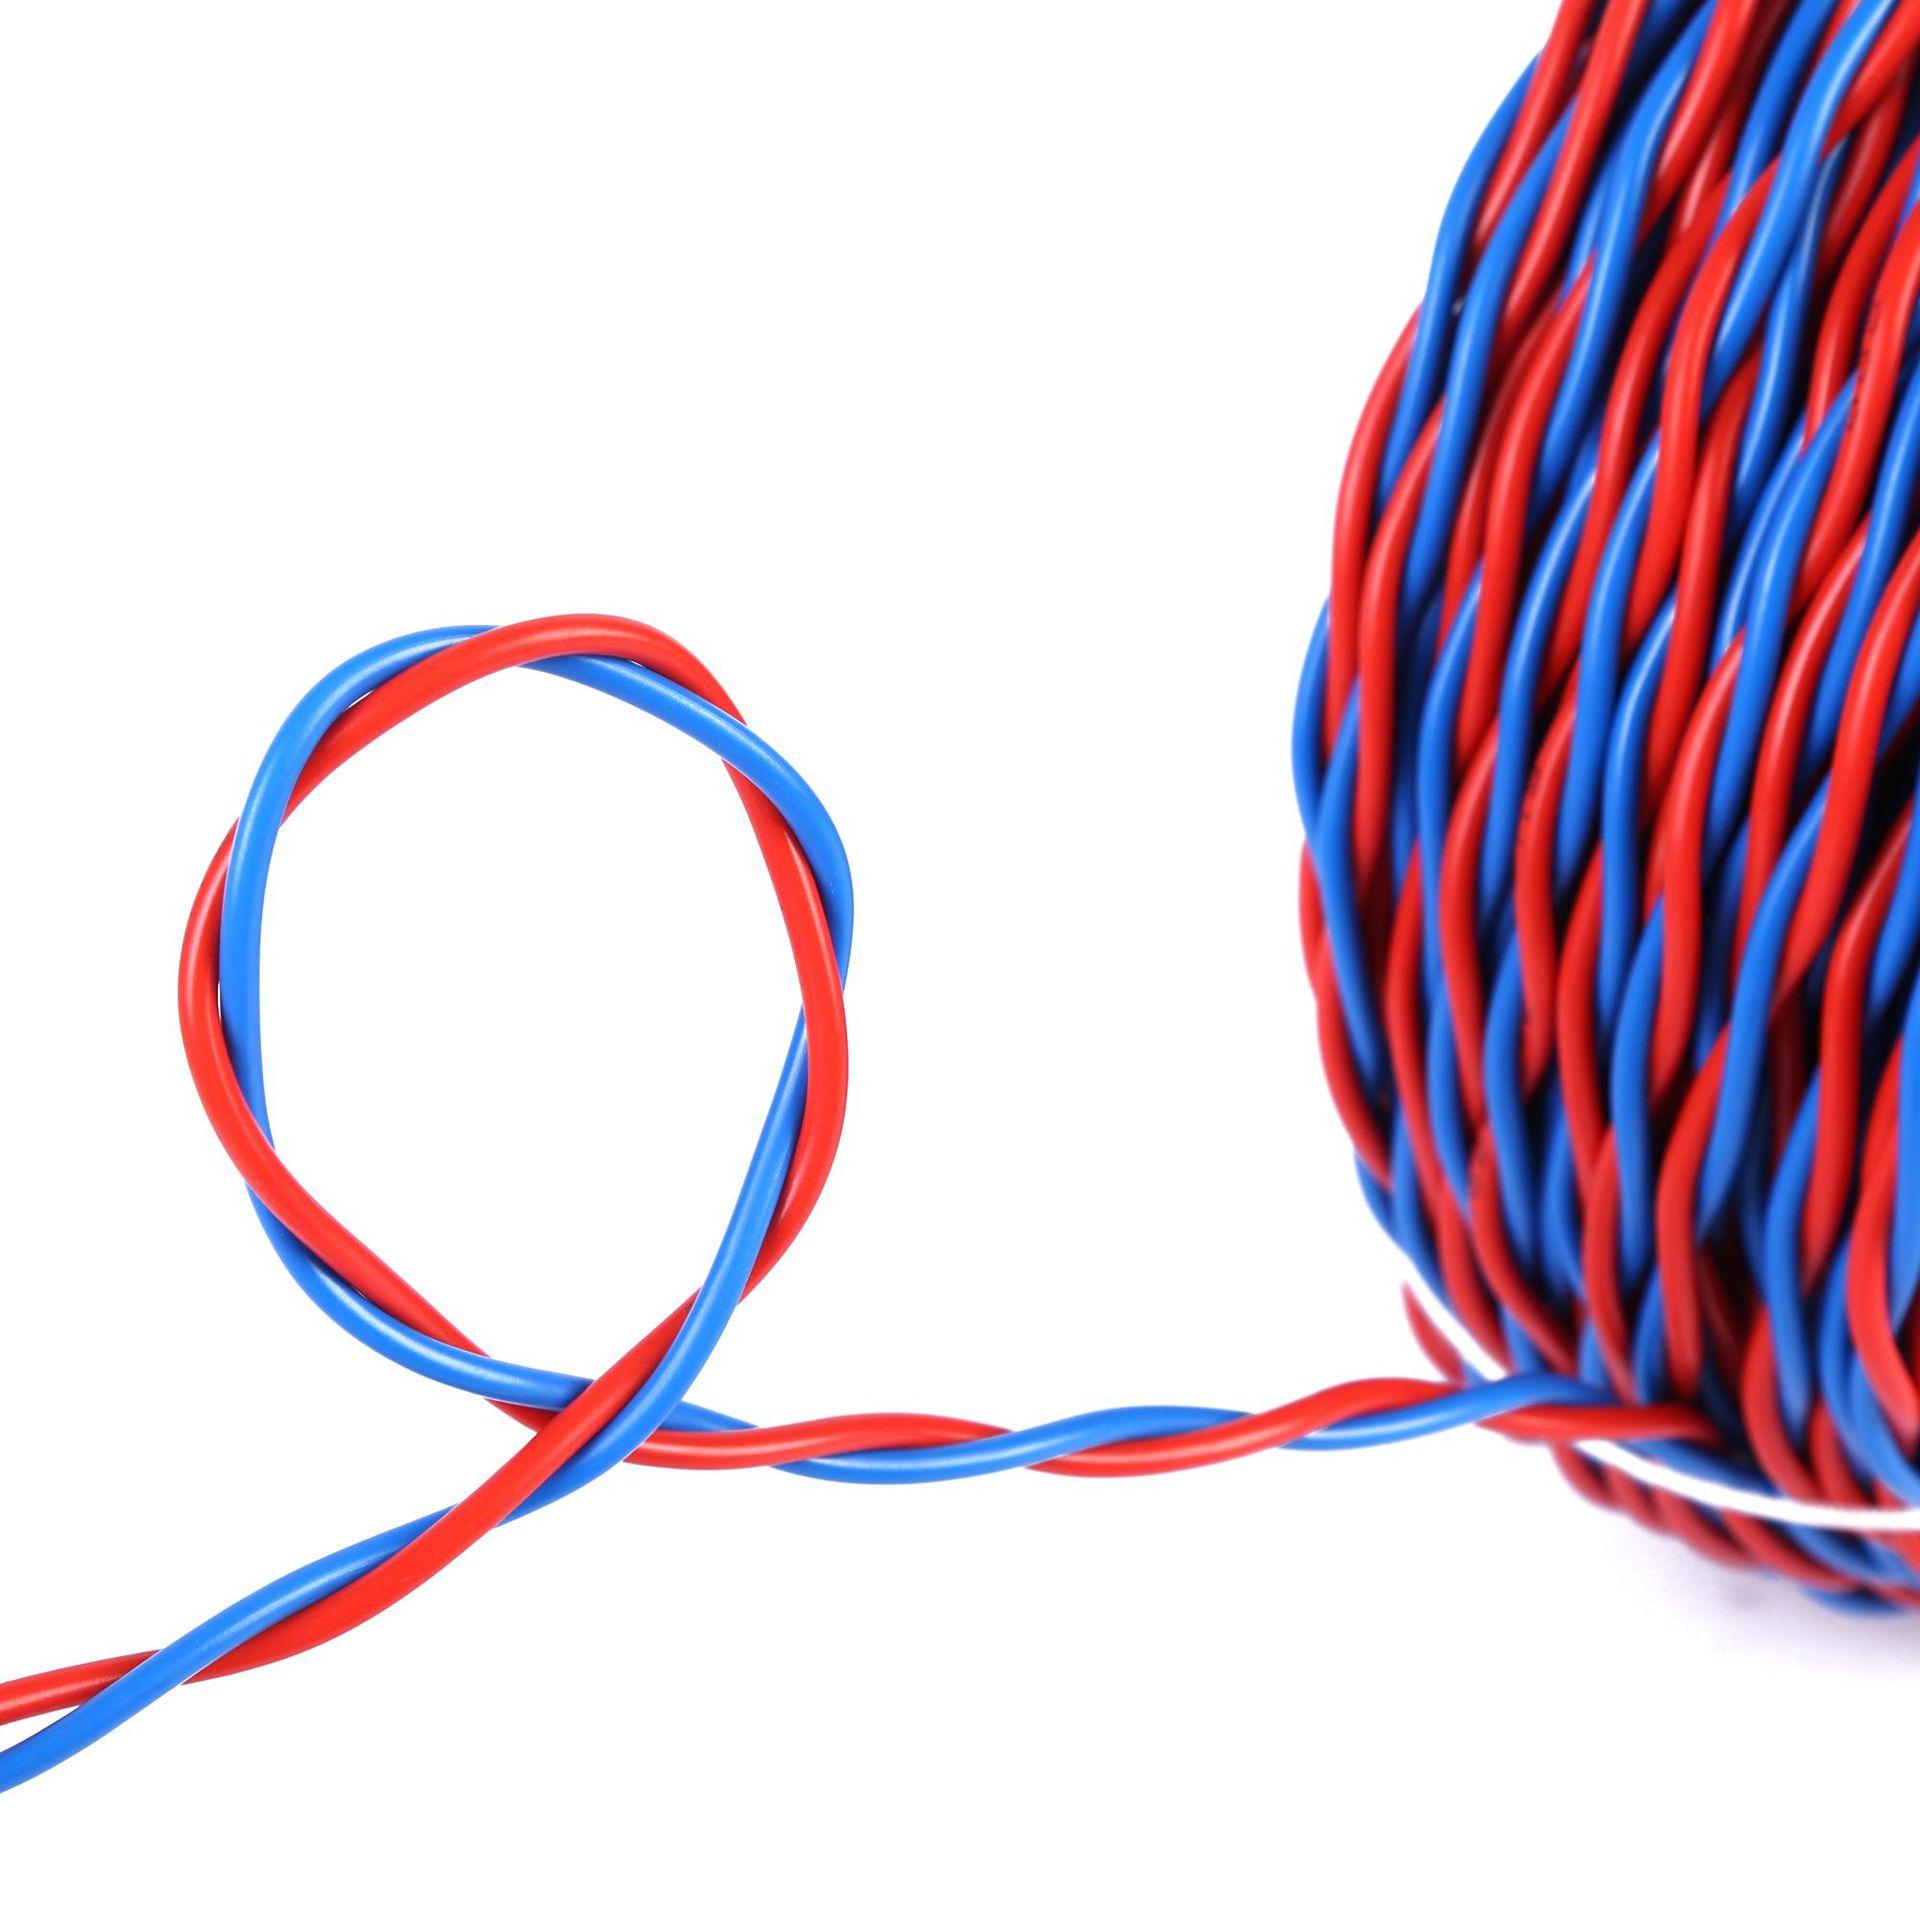 纯铜双绞线rvs 金环宇电线电缆 花线阻燃国标纯铜双绞线rvs2x4 家装用电线